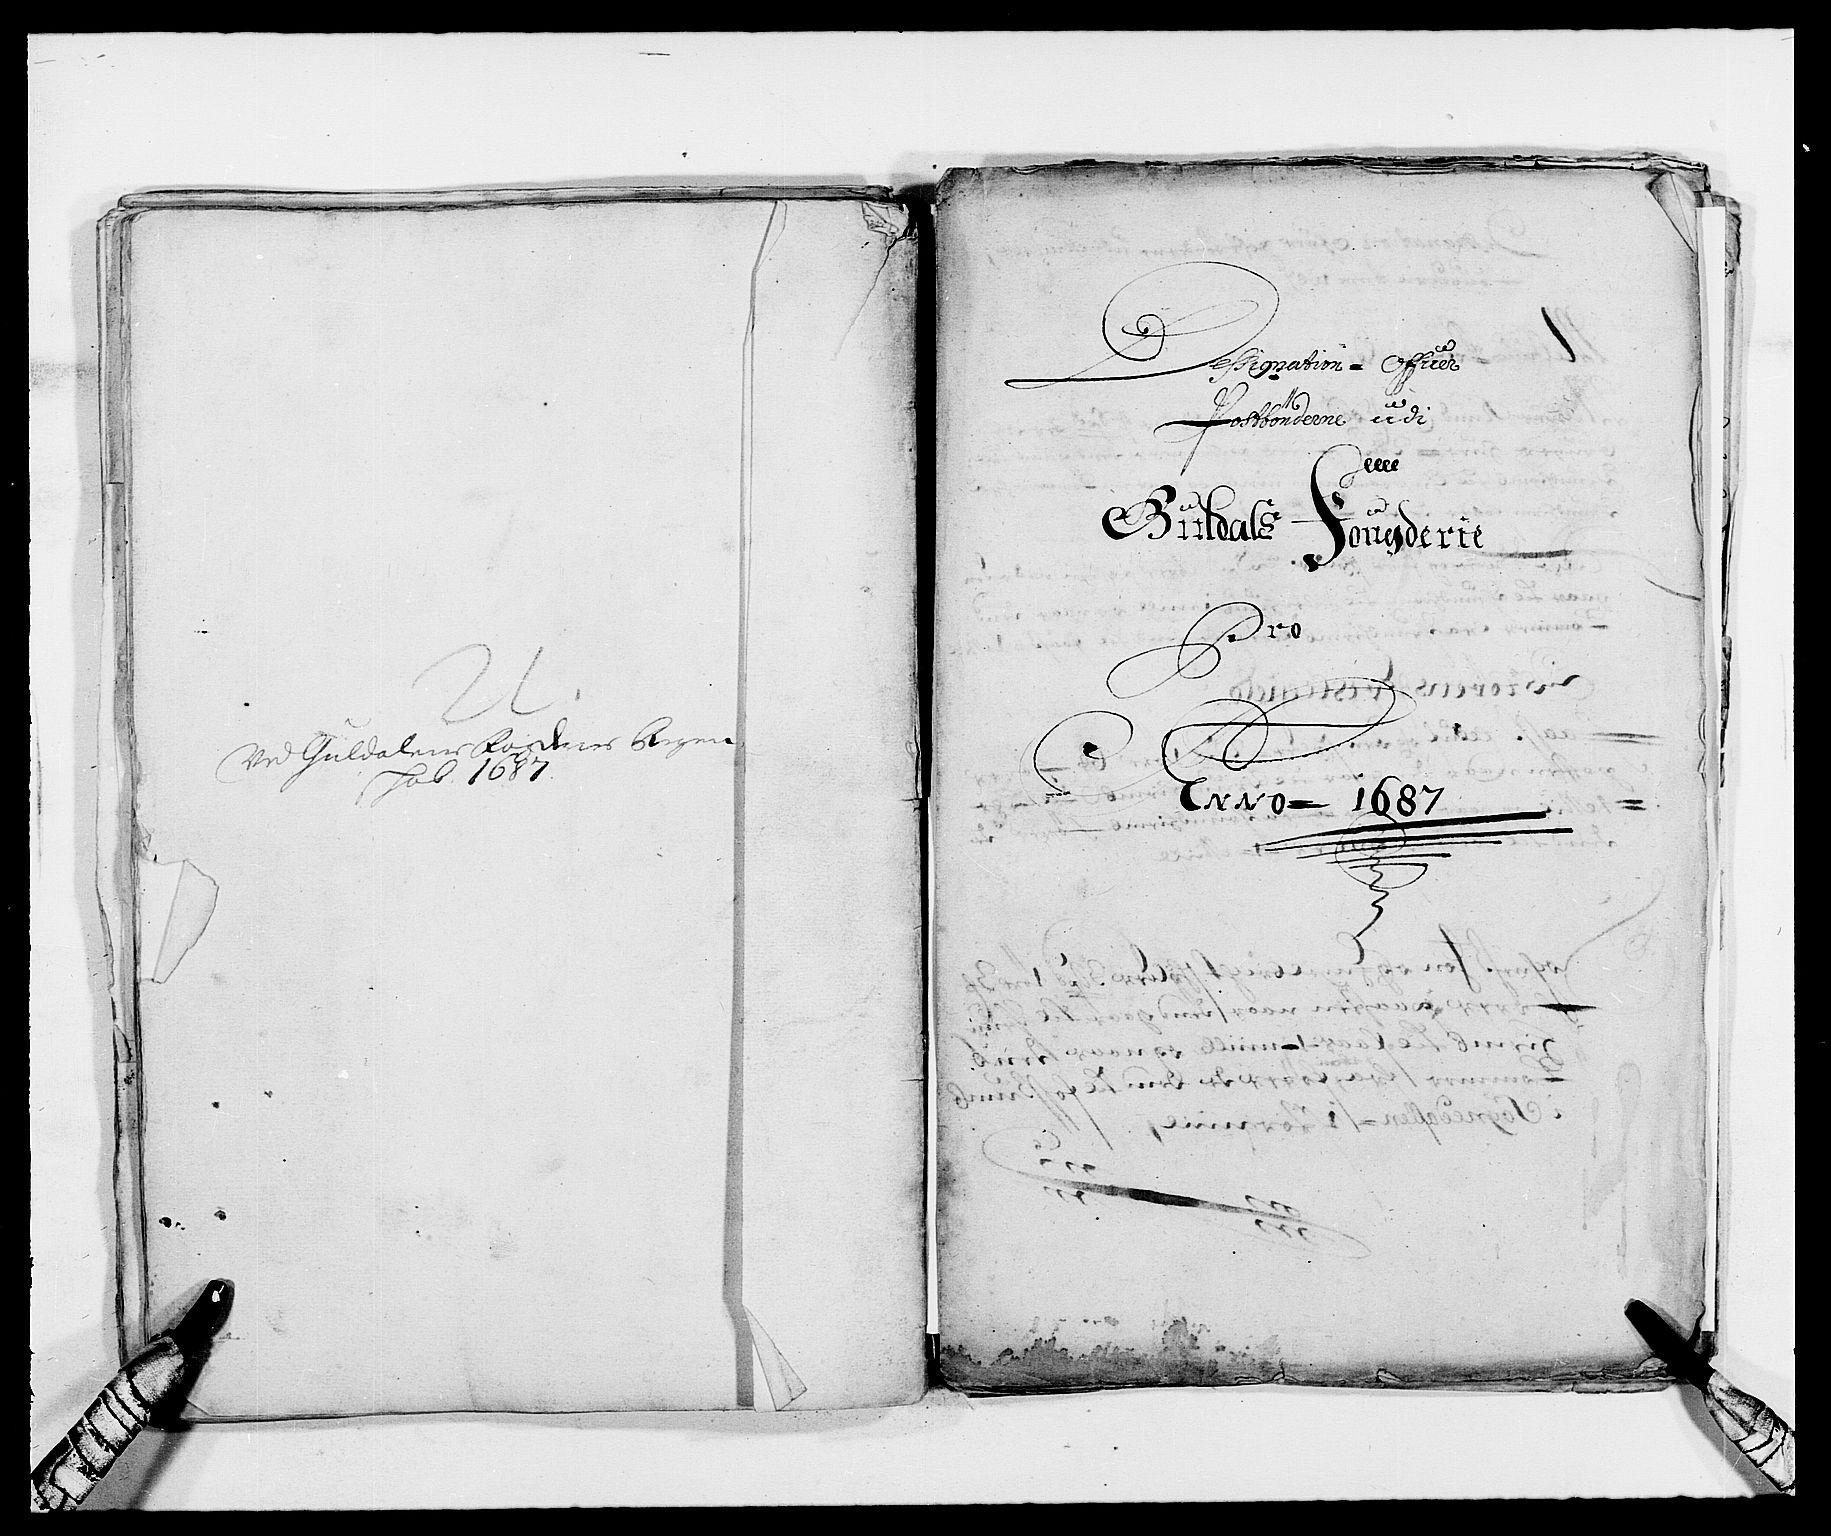 RA, Rentekammeret inntil 1814, Reviderte regnskaper, Fogderegnskap, R59/L3939: Fogderegnskap Gauldal, 1687-1688, s. 100